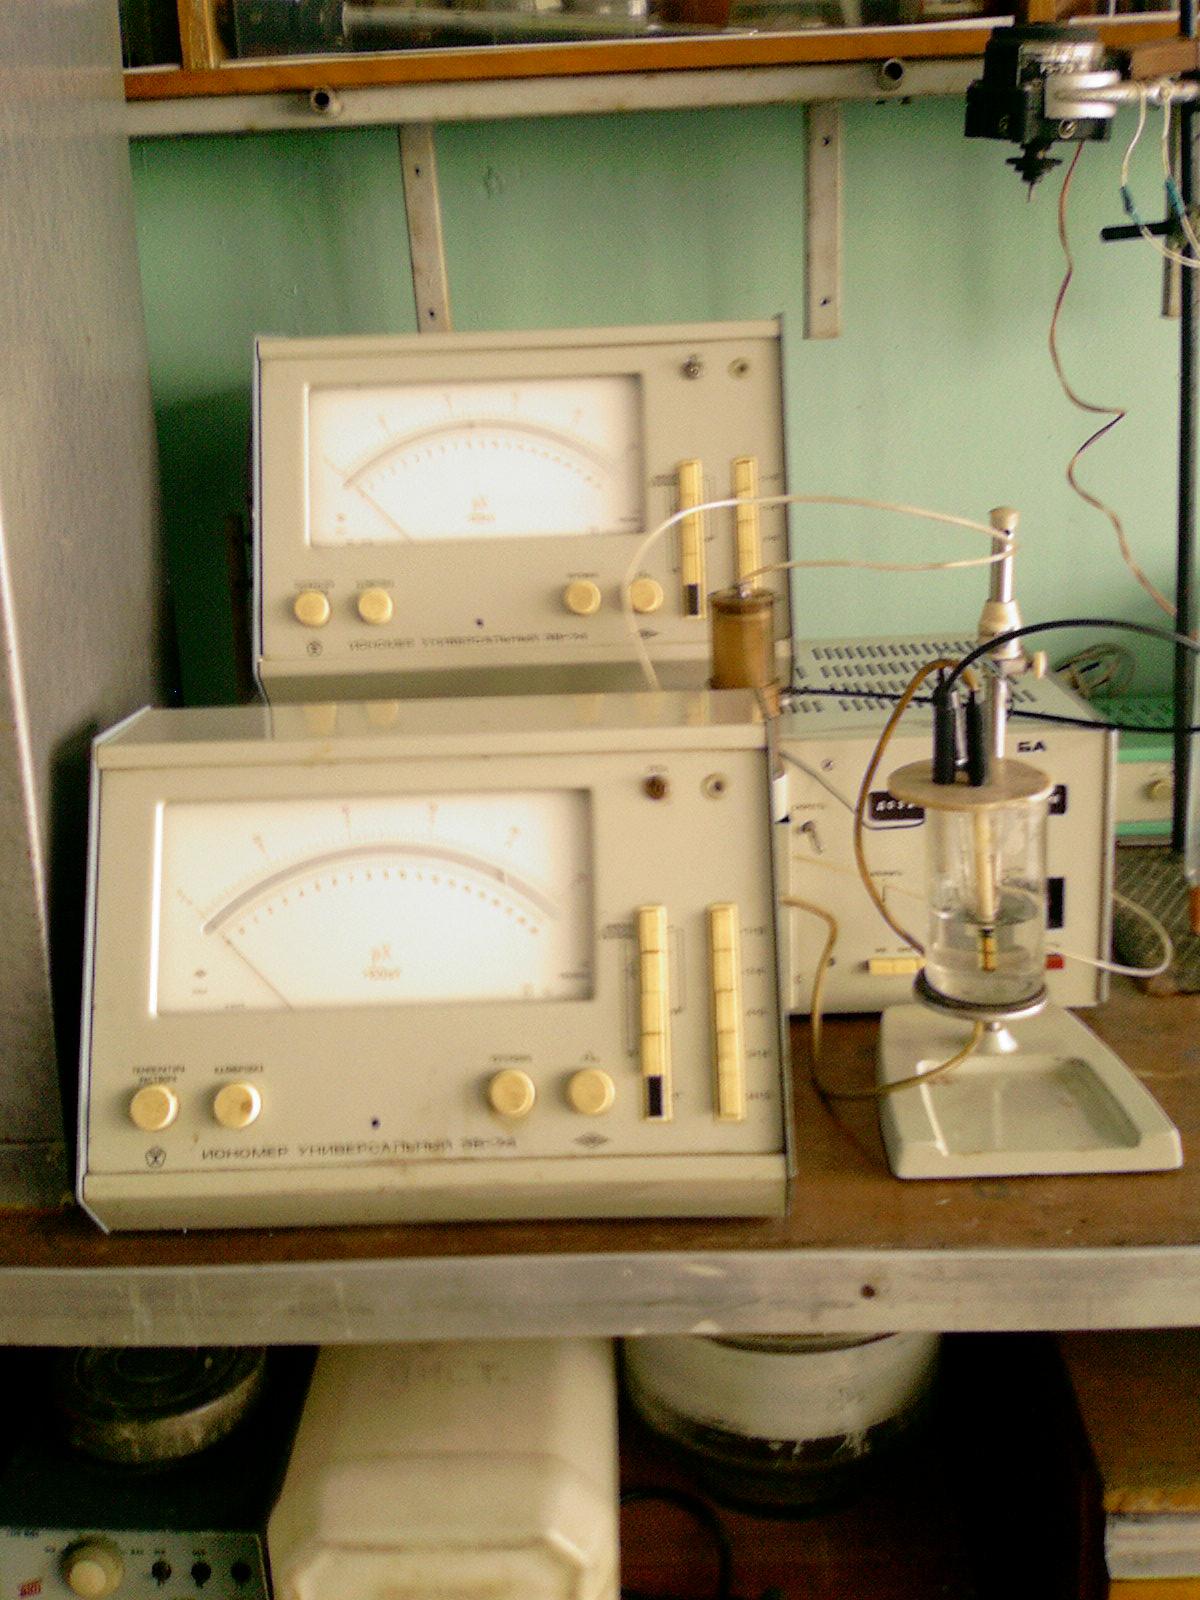 рН-метры образца 1970-1980-х гг.